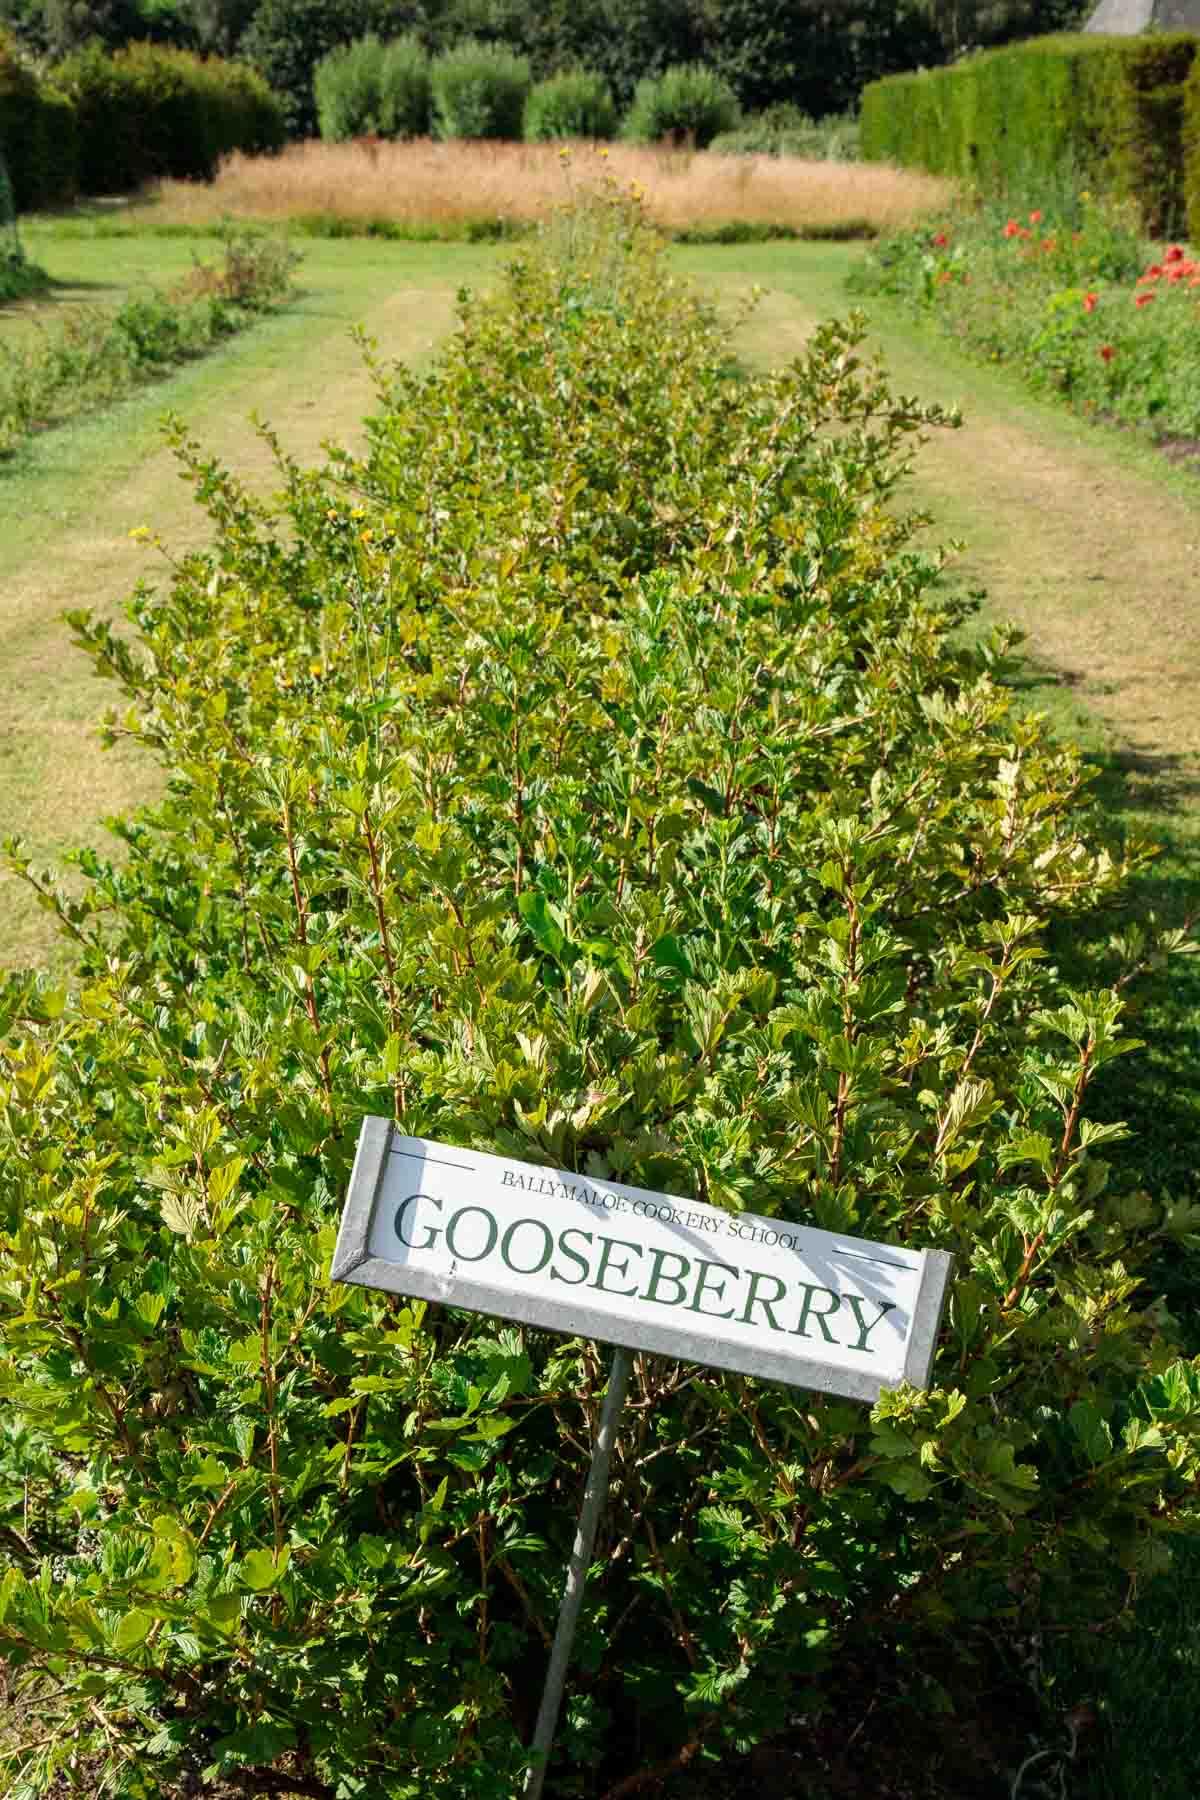 Photo of a row of gooseberry plants at Ballymaloe Farm.